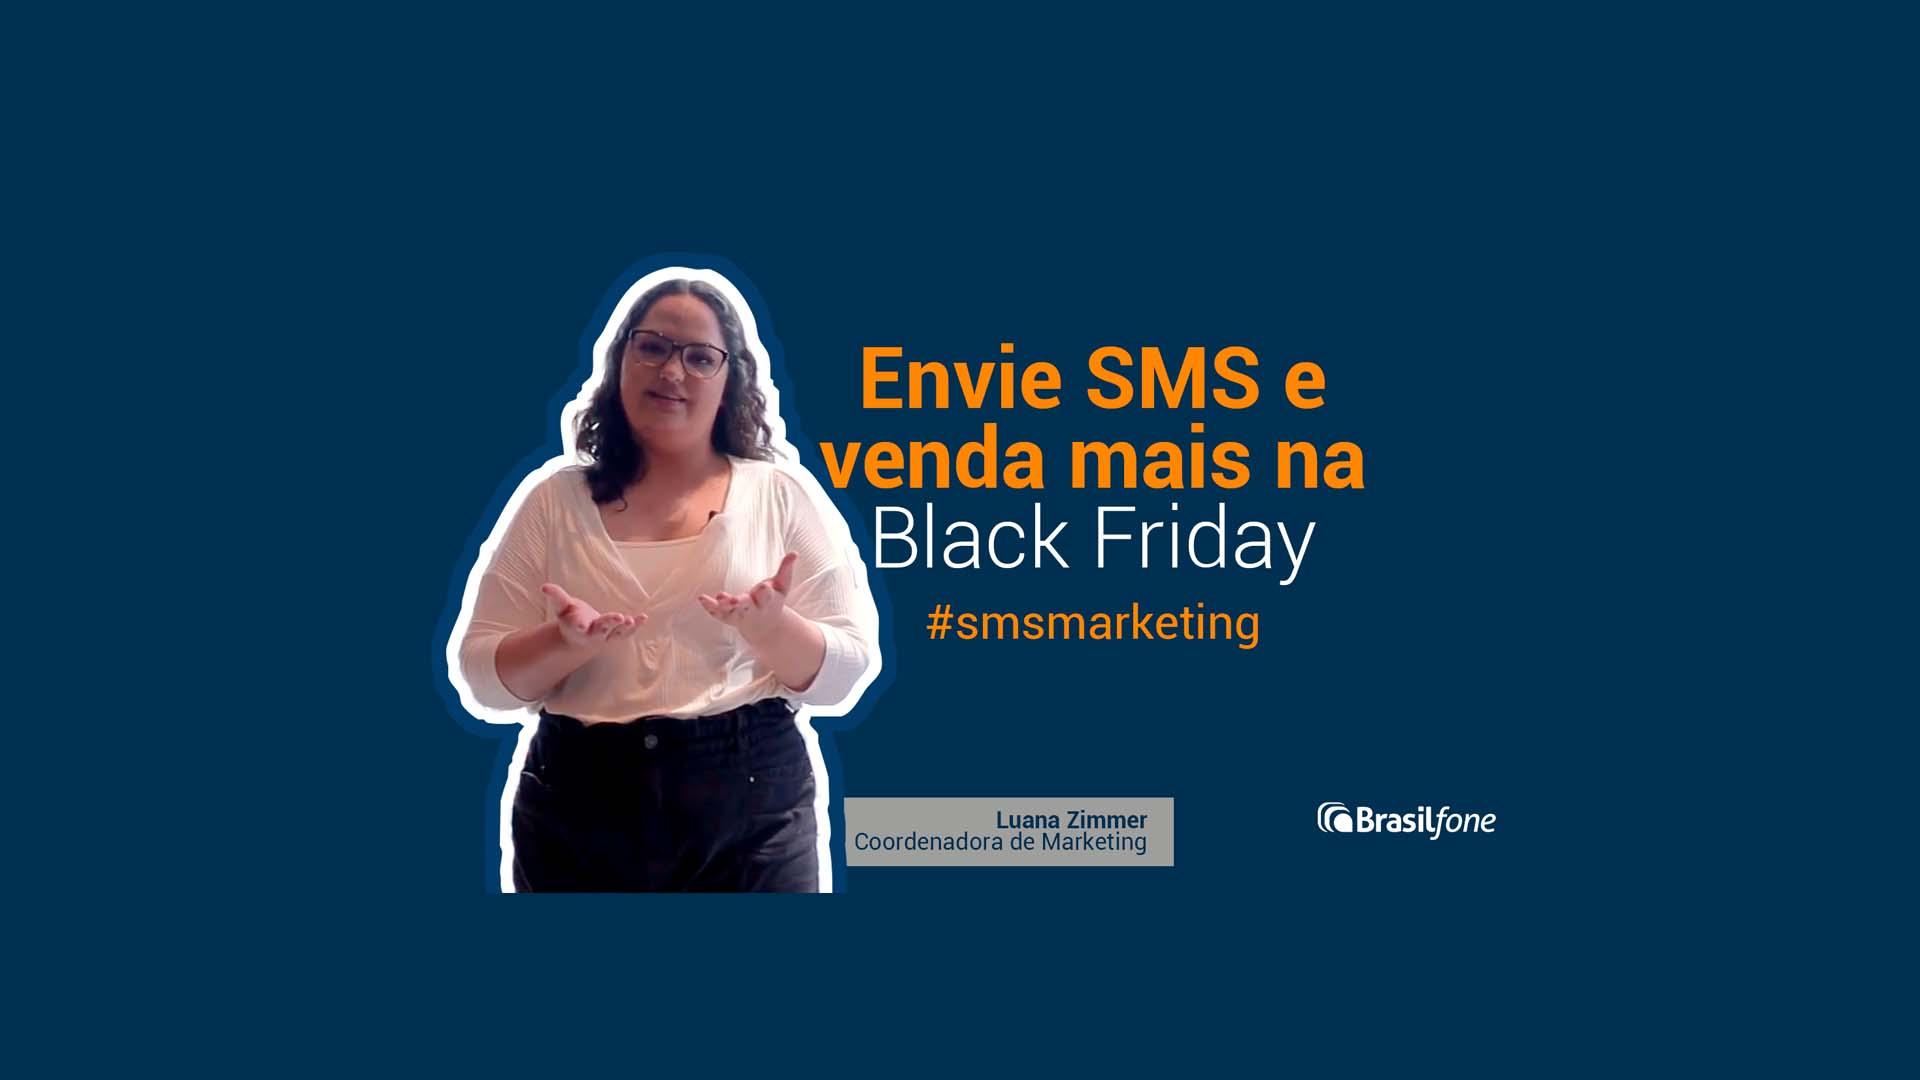 Venda mais durante a Black Friday com o envio de SMS: